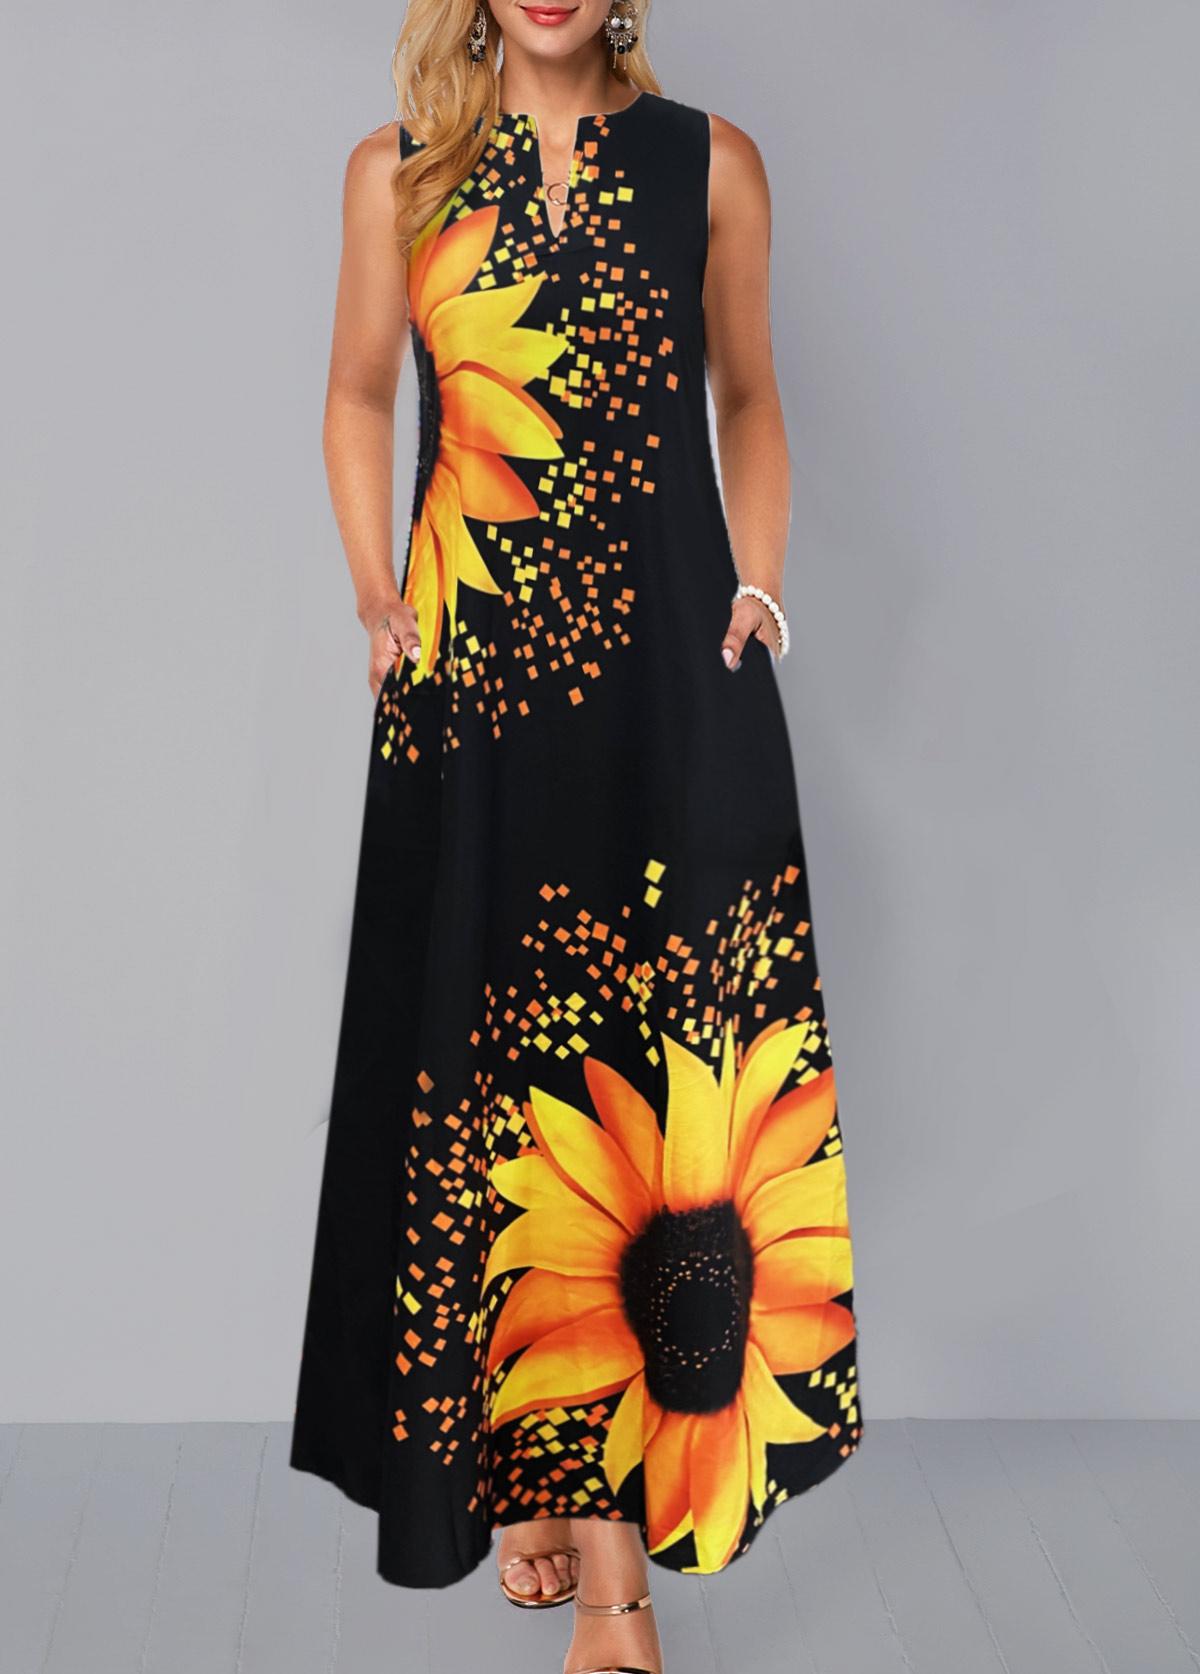 Split Neck Sunflower Print Sleeveless Dress